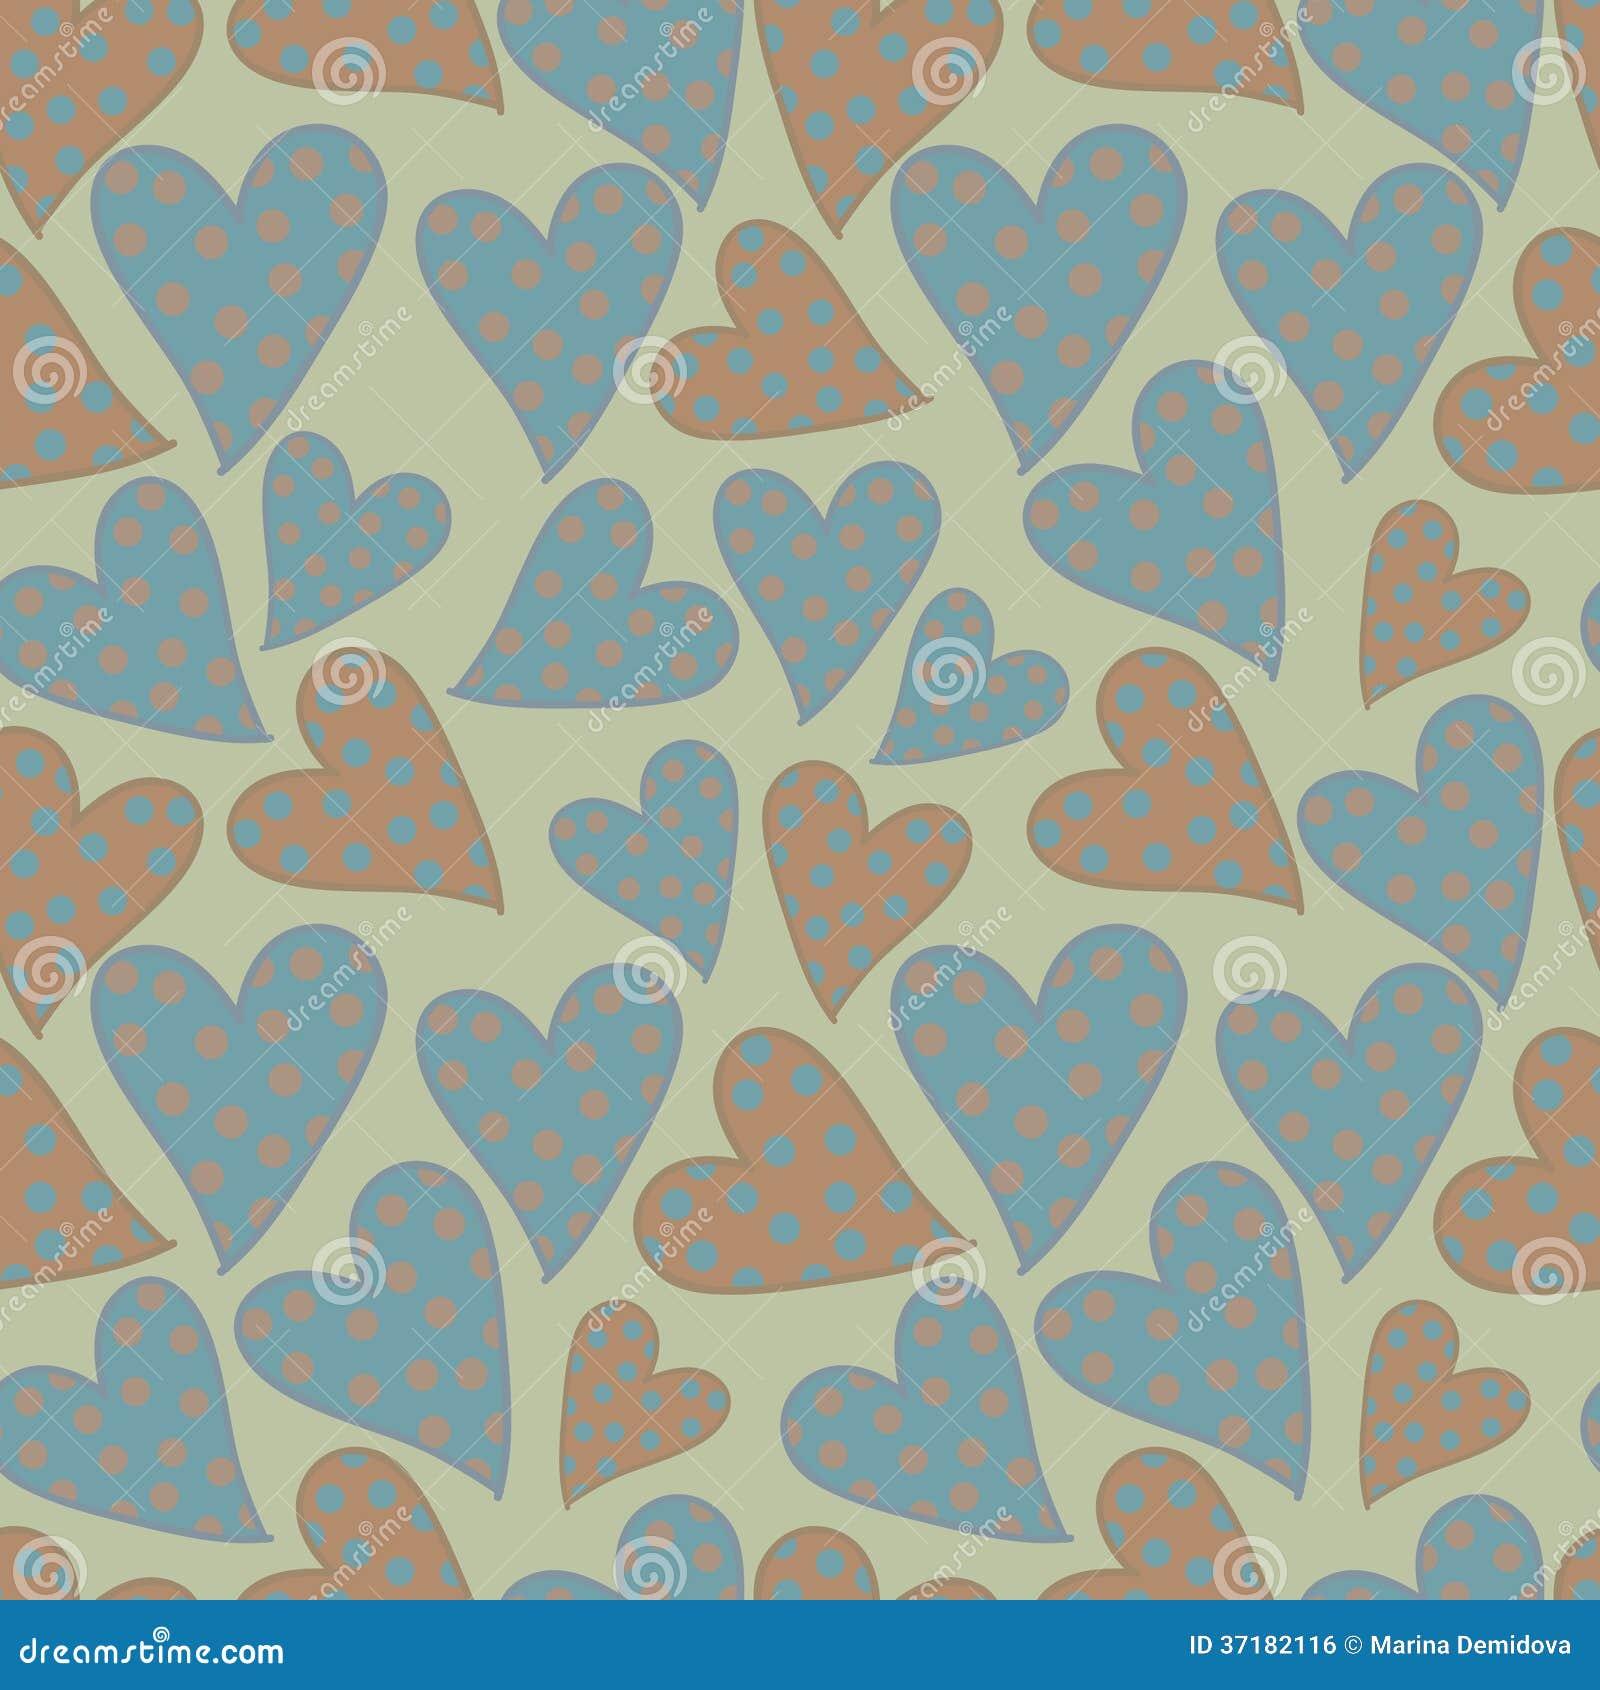 Polka dots hearts seamless pattern